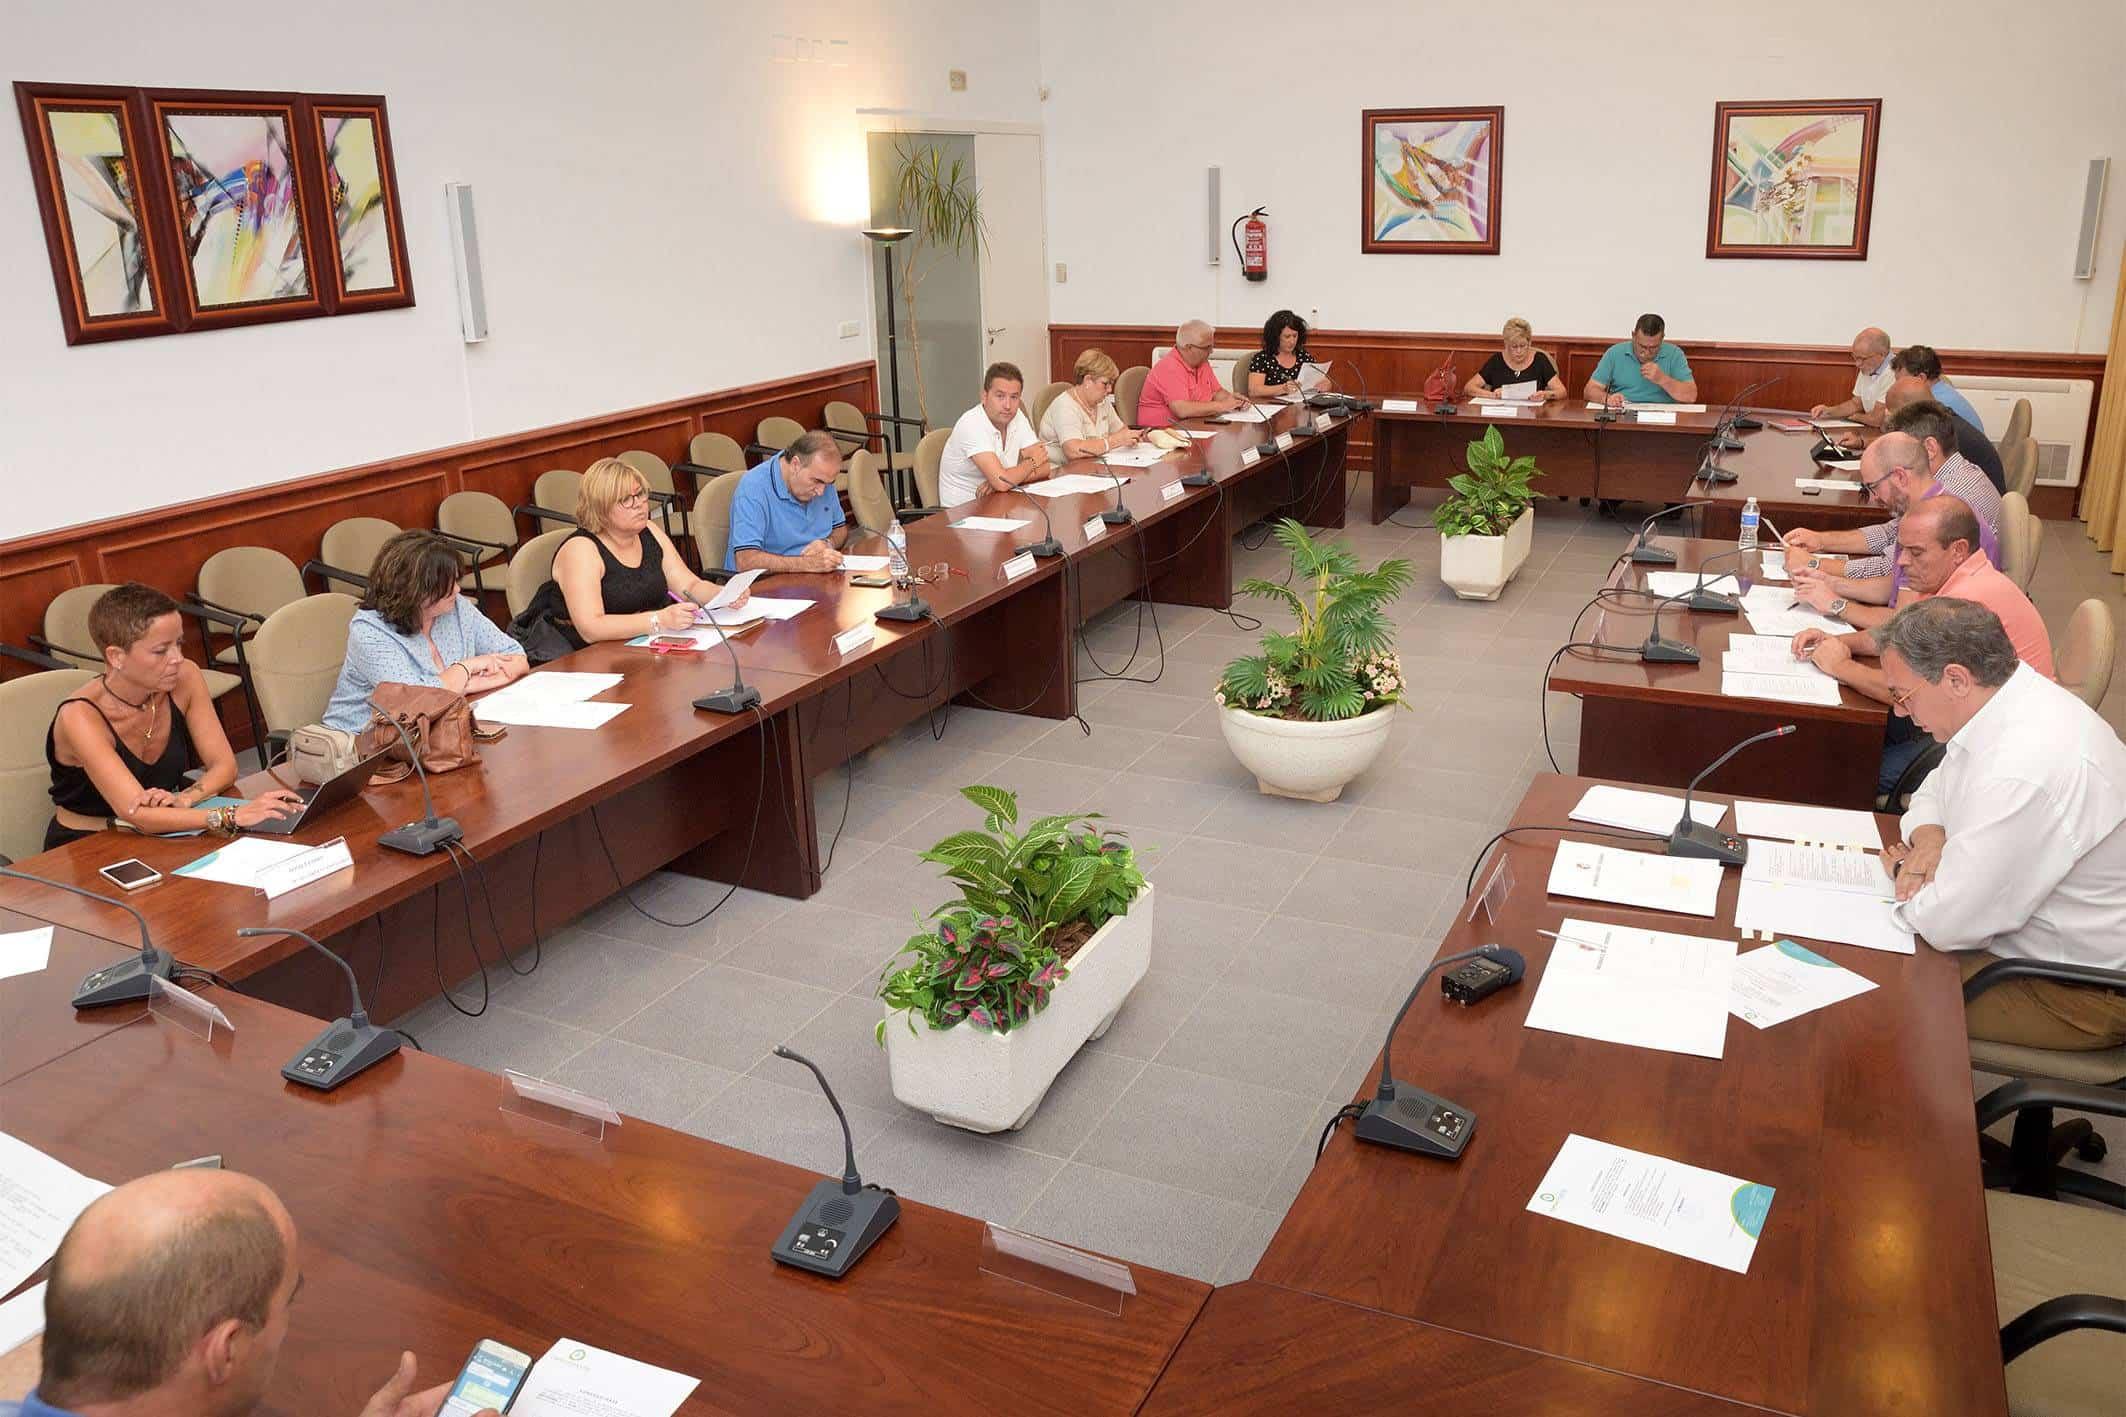 20180911 Pleno Comsermancha Comsermancha - La Mancomunidad aprueba un incremento en las cuotas para 2019 por debajo del IPC actual